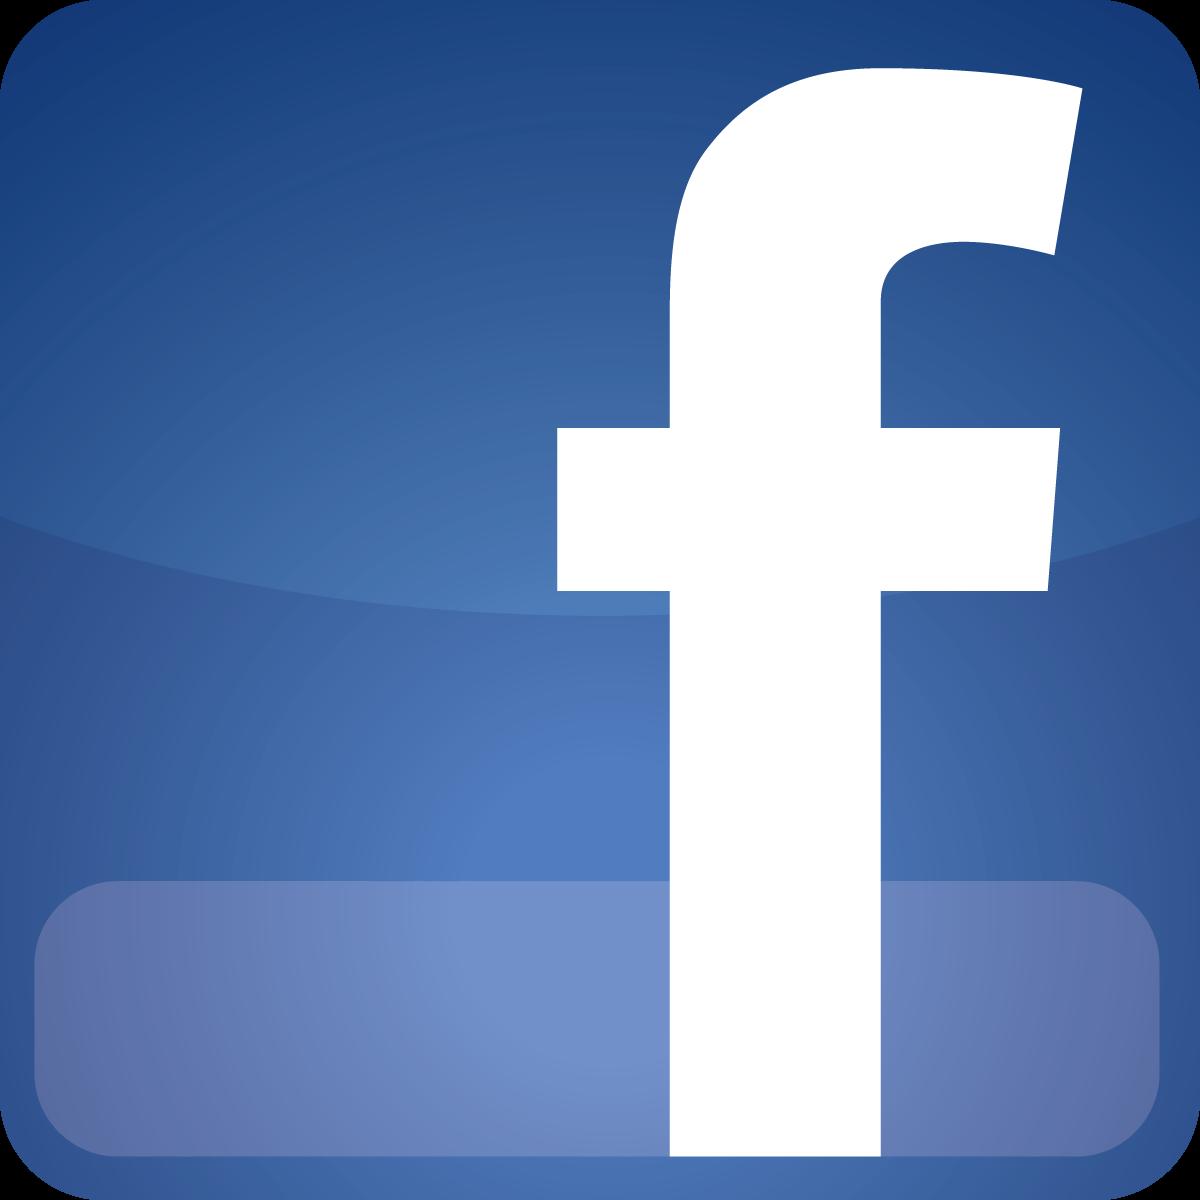 1200x1200 Vector Logos,high Resolution Logosamplogo Designs Facebook Icon Vector